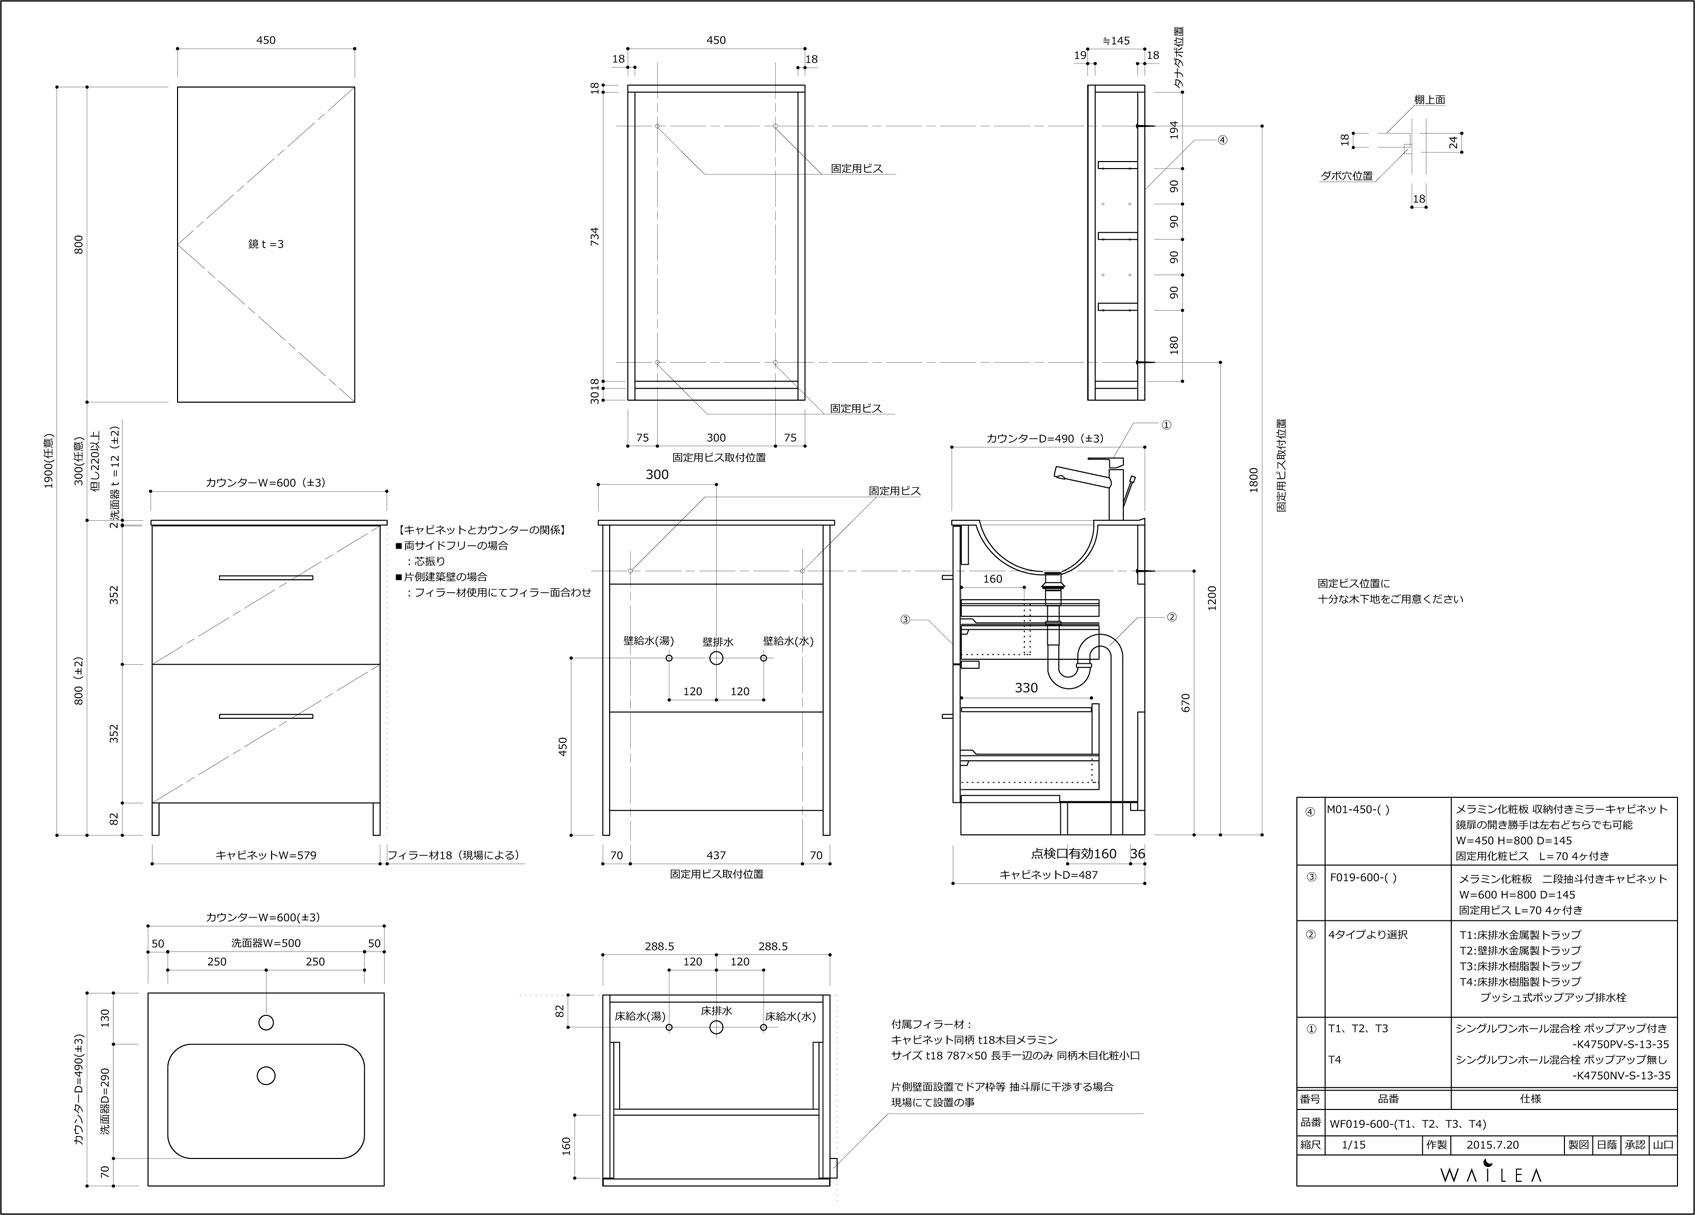 WF019-600-(T1-T2-T3-T4